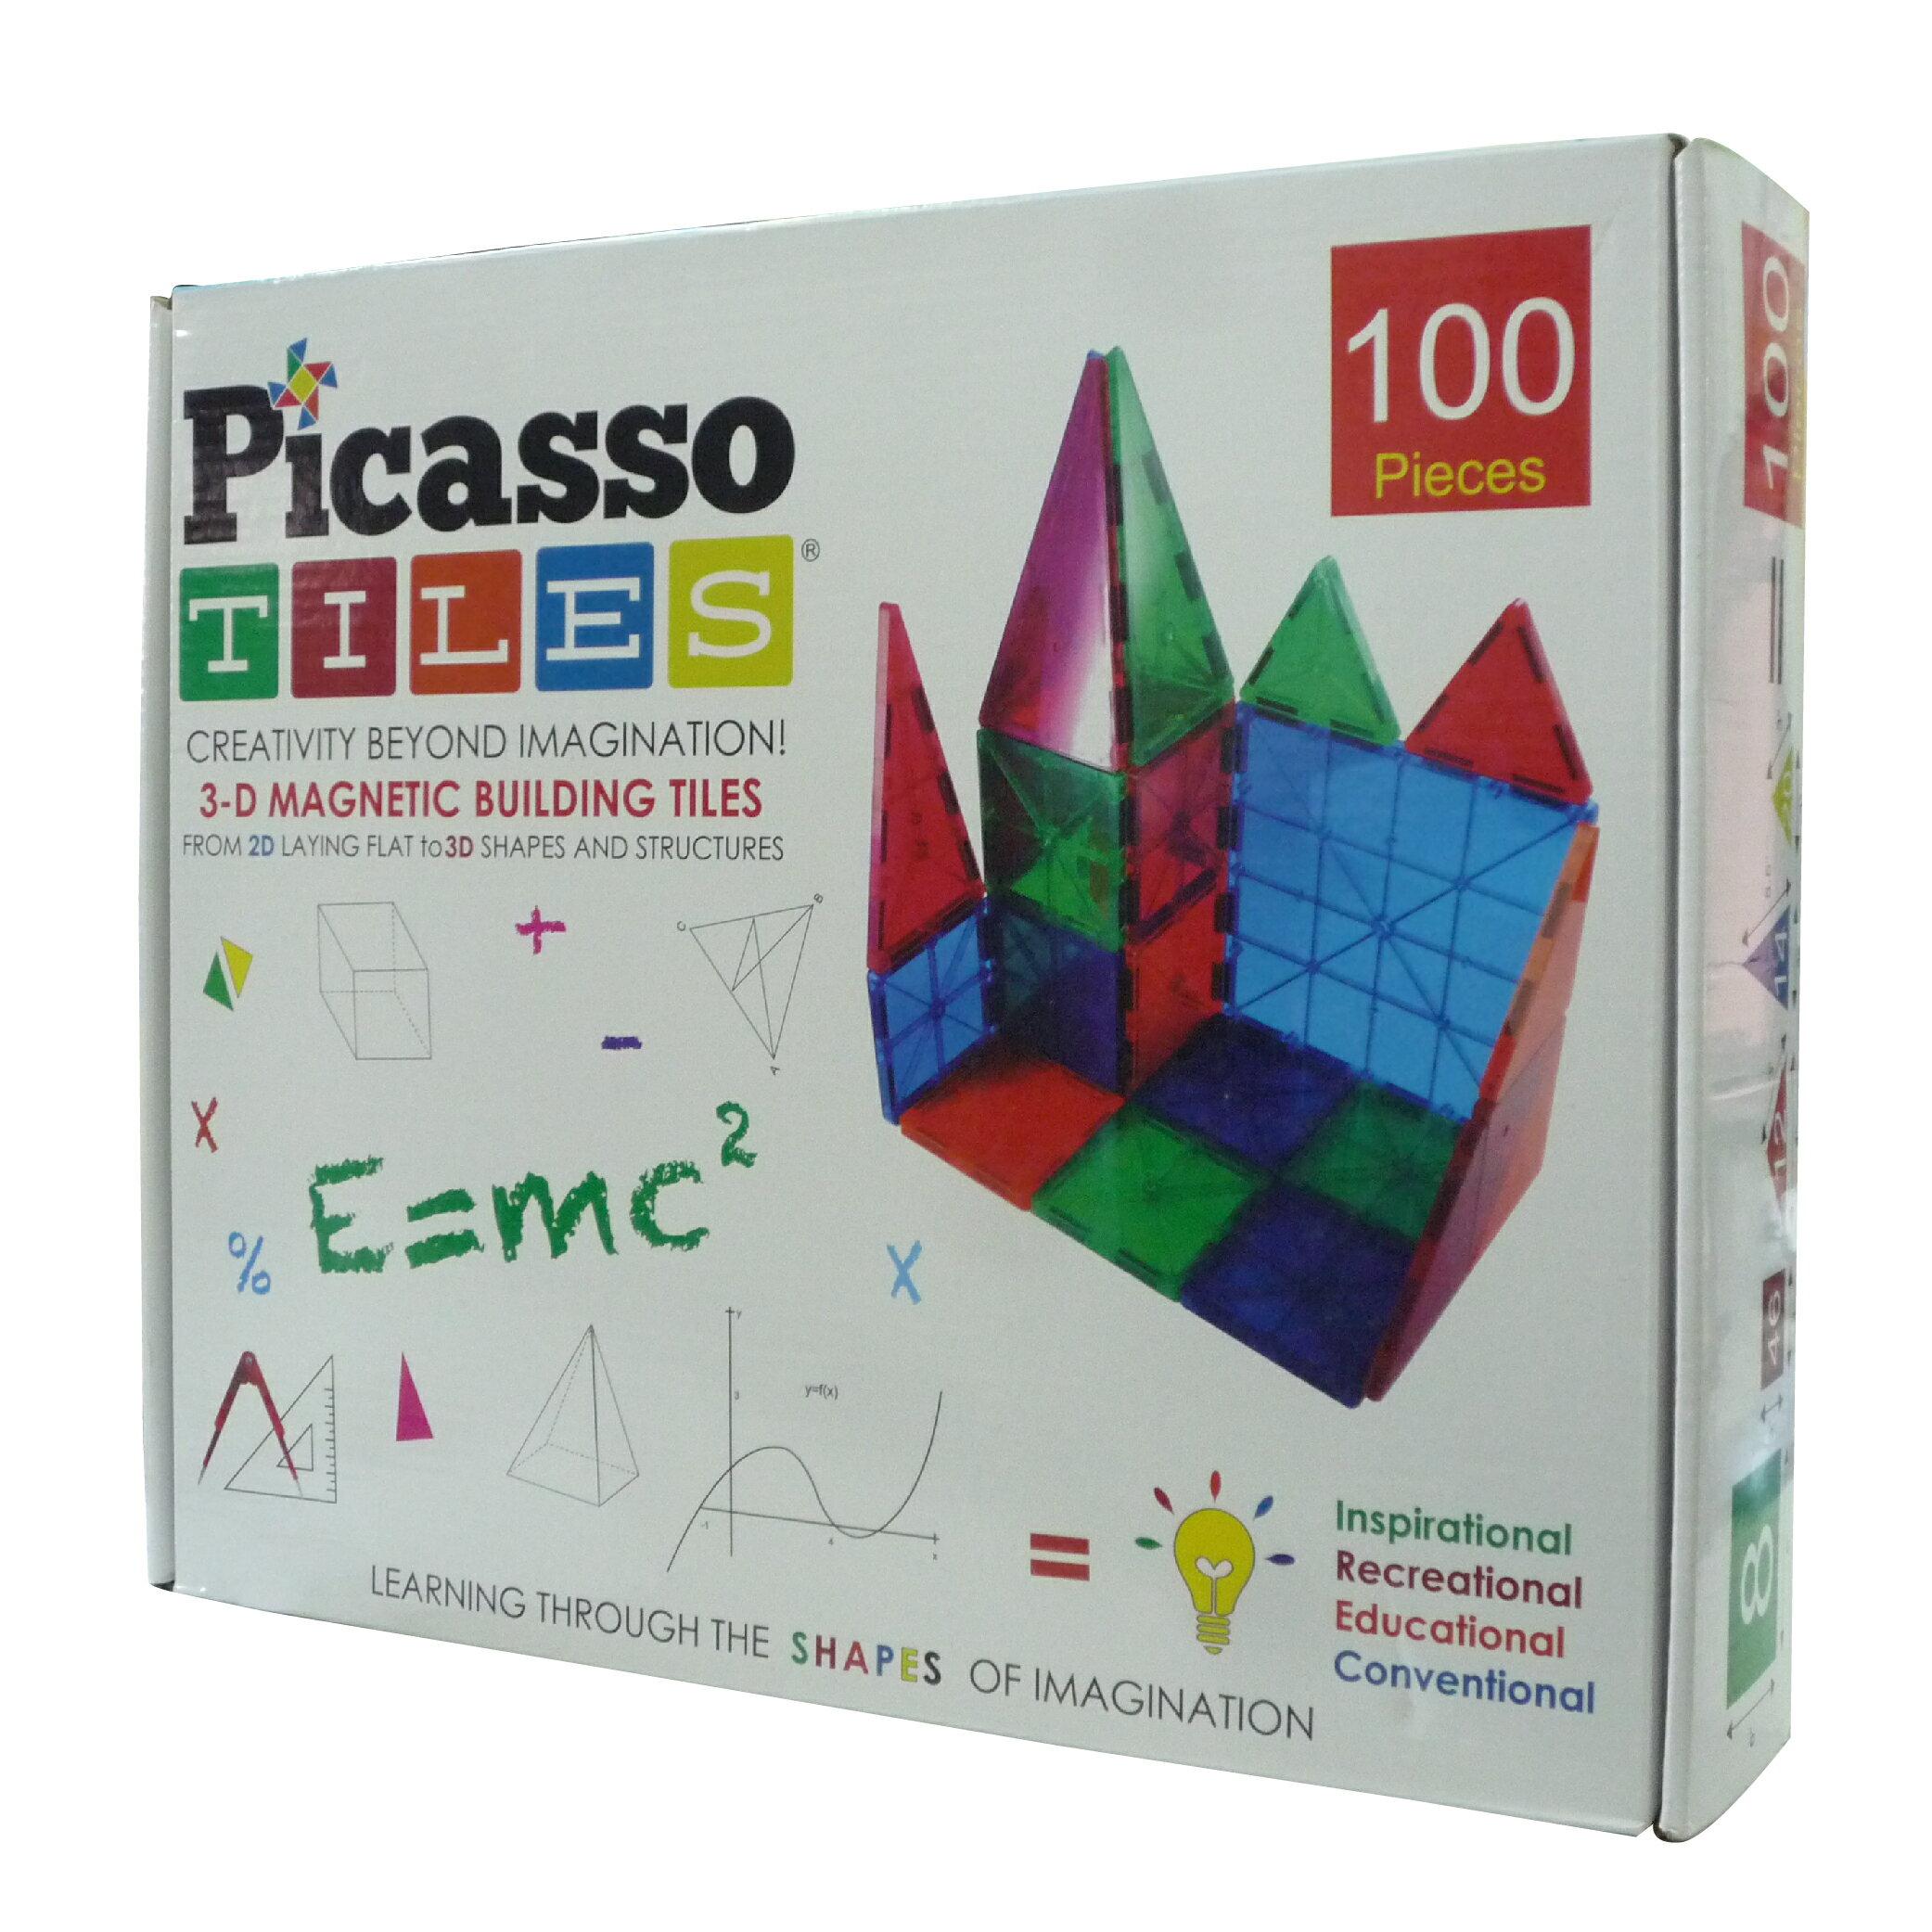 【美國 Picasso Tiles 畢卡索】磁力王-3D變形晶磚/立體益智磁性積木拼圖 100片 PT-100